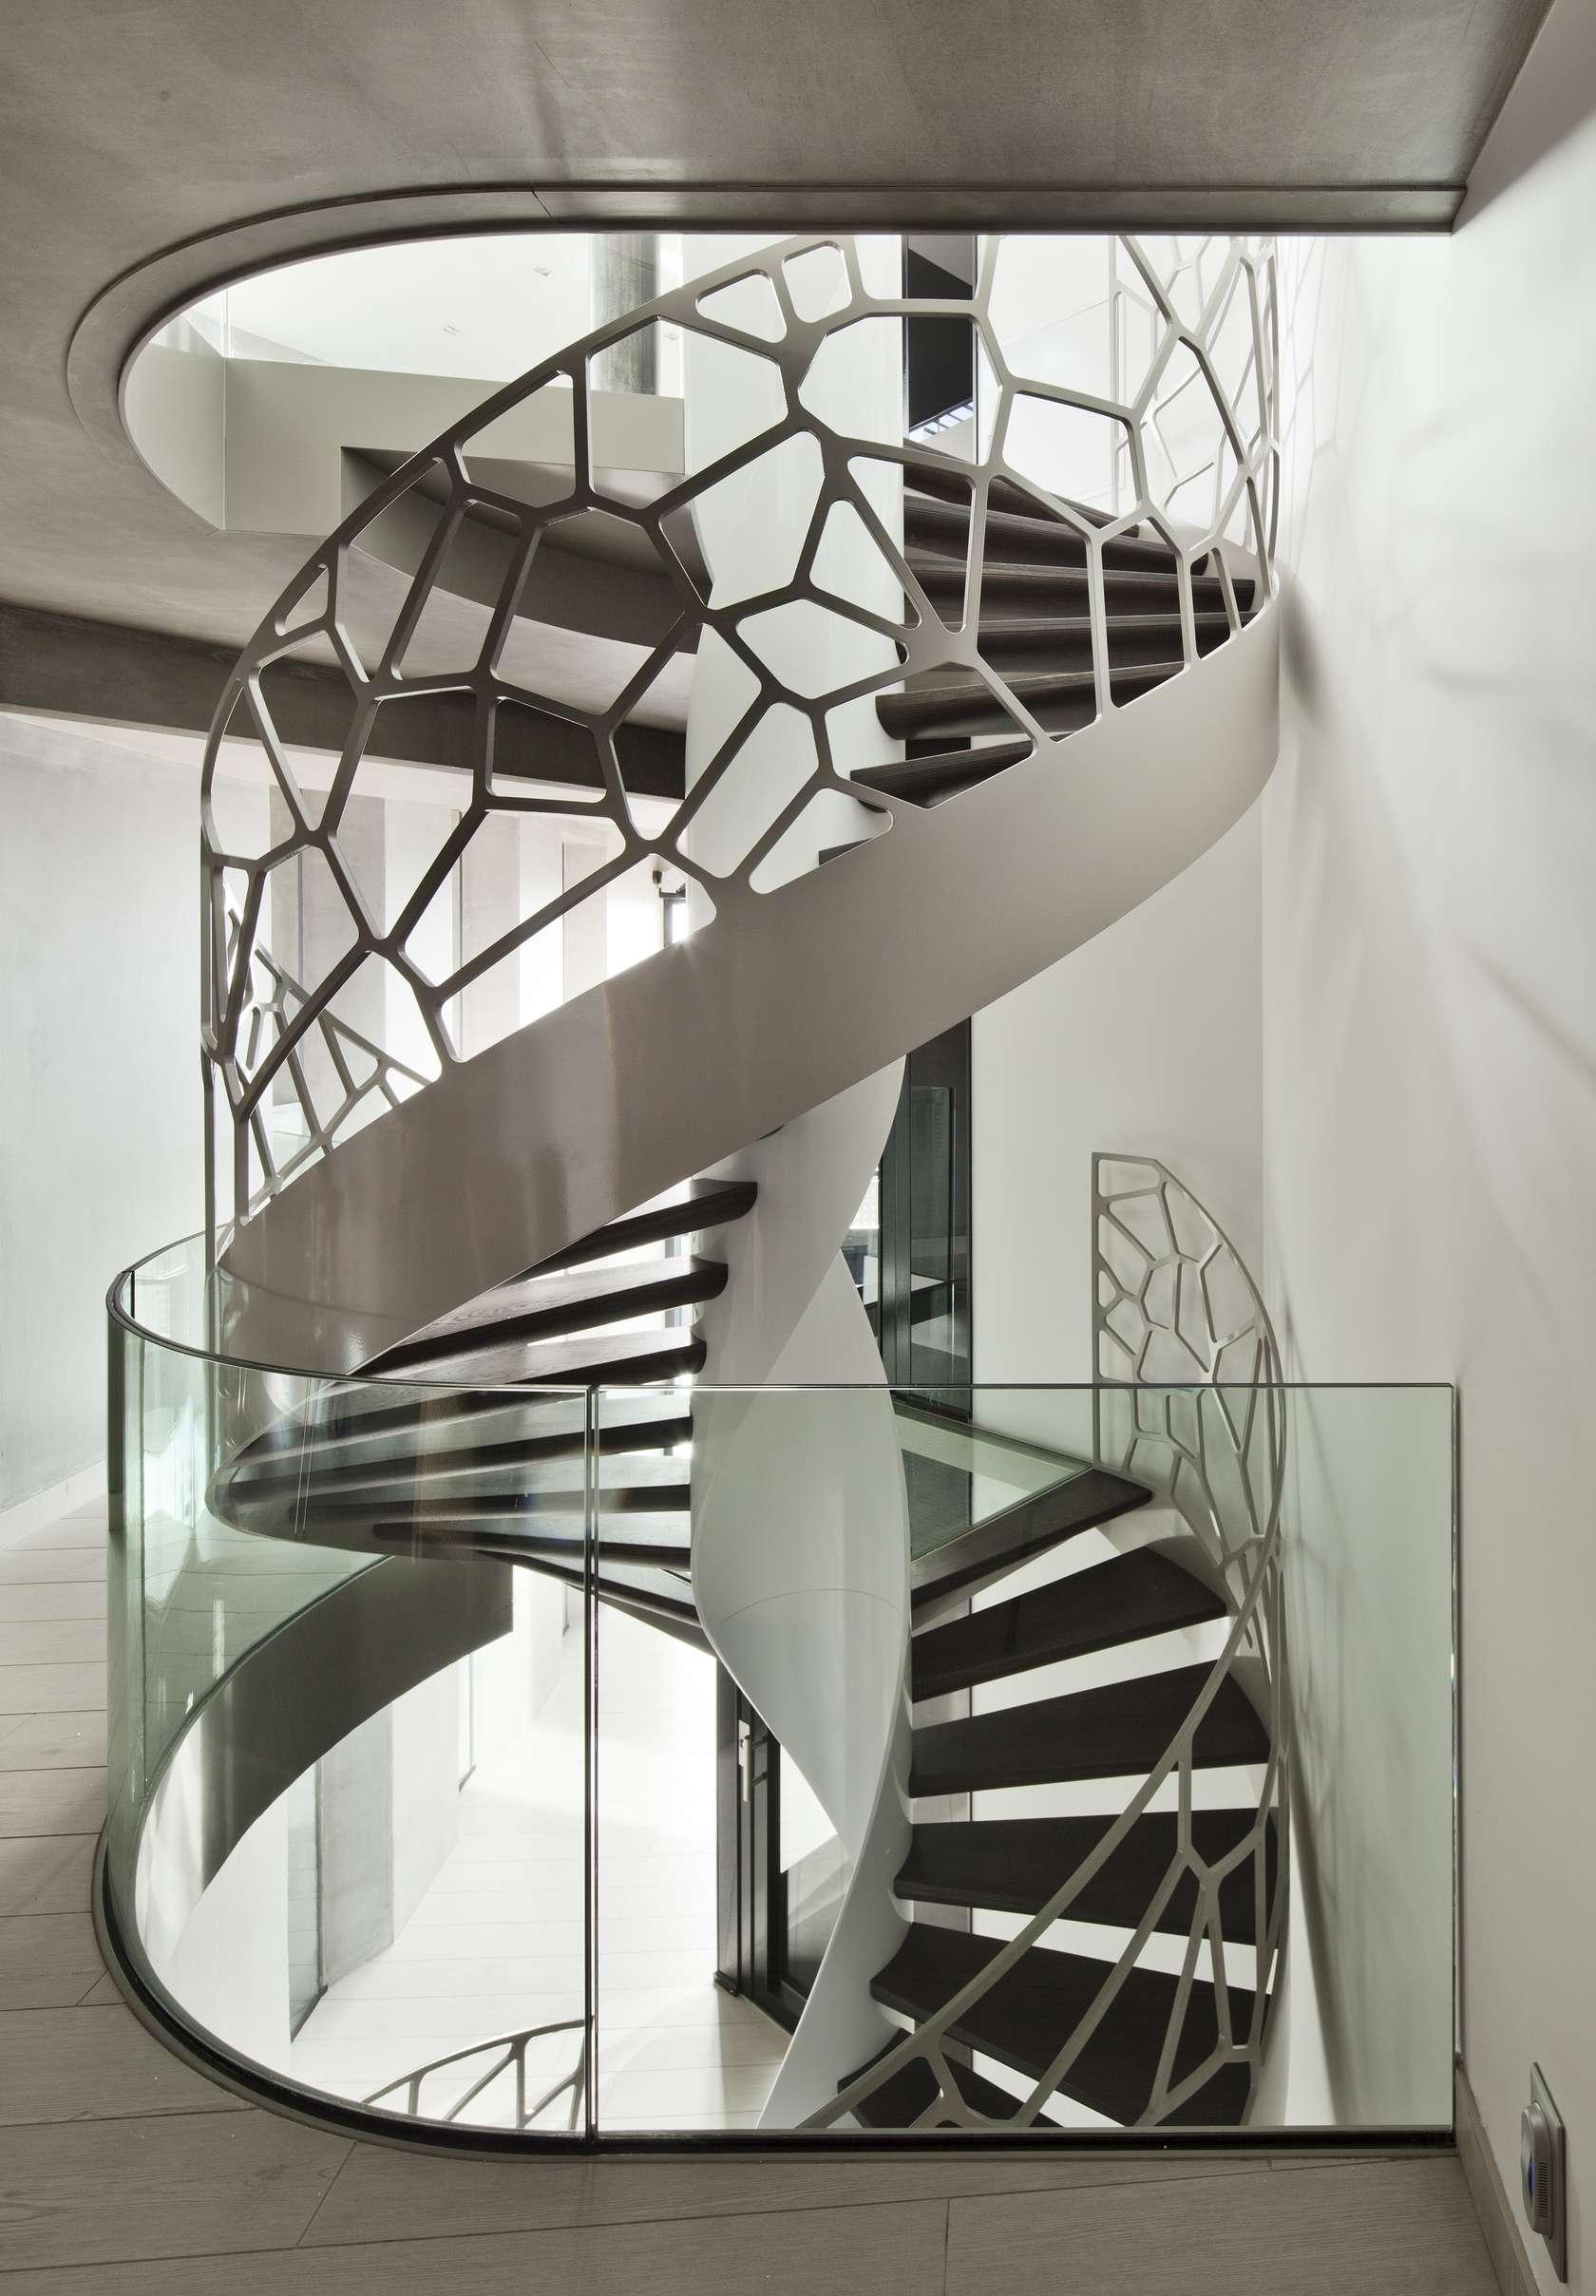 Лестница на второй этаж в доме винтовая